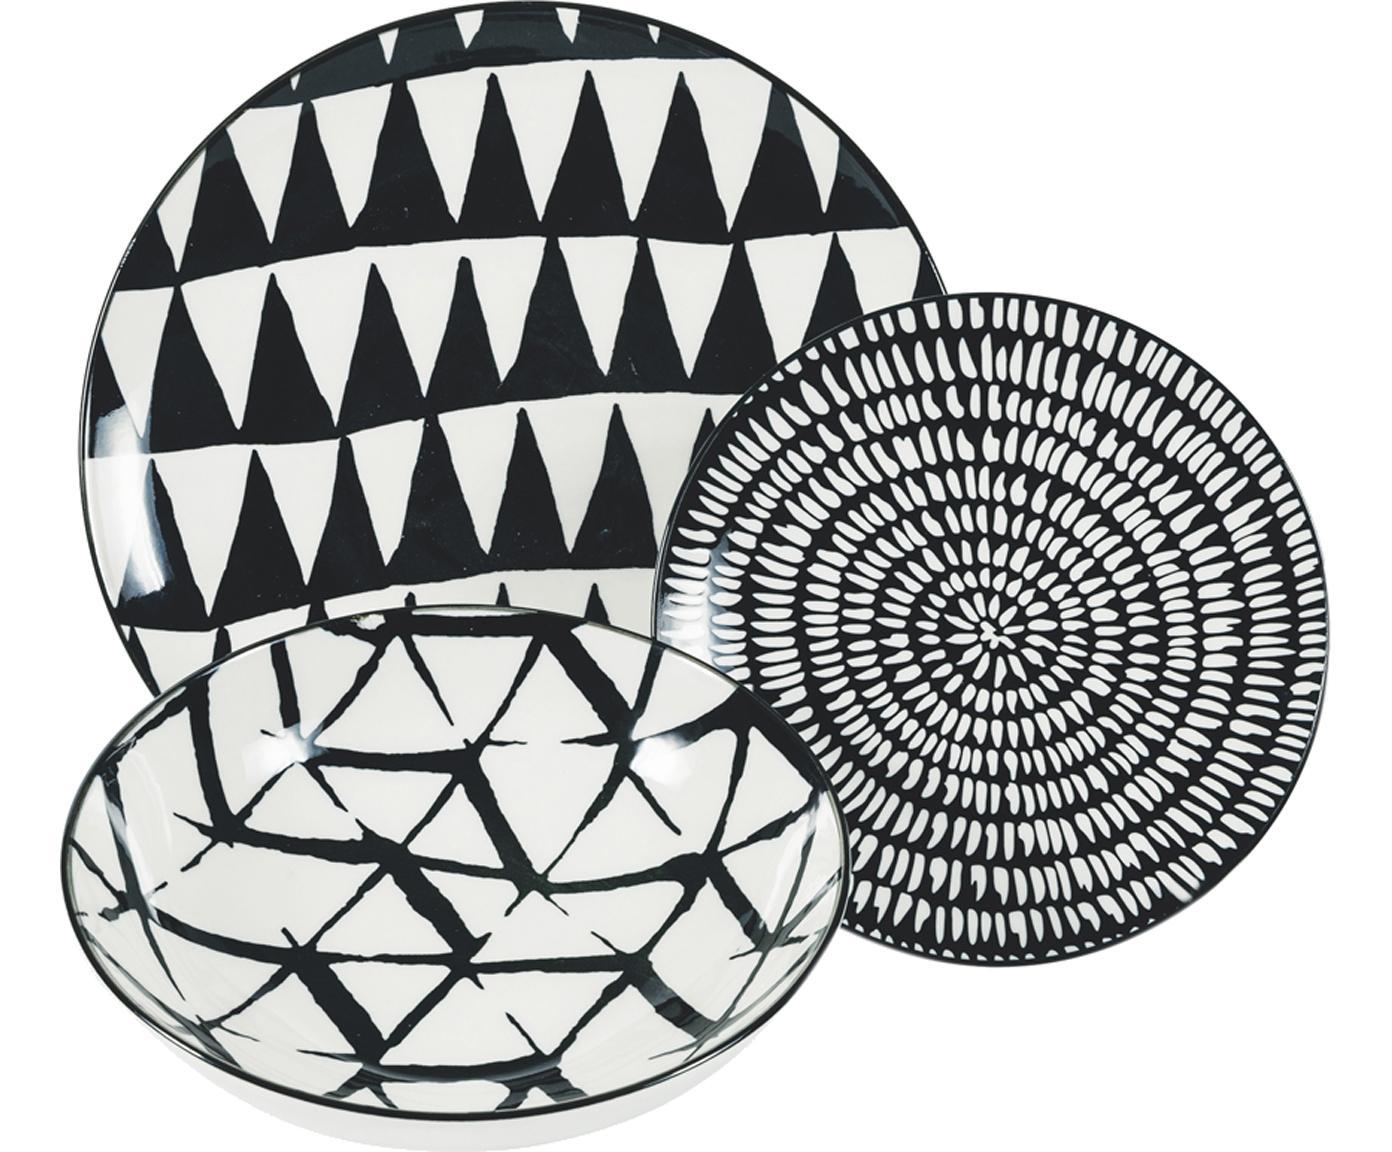 Vajilla Mokala, 6comensales (18pzas.), Porcelana, Negro, blanco, Tamaños diferentes